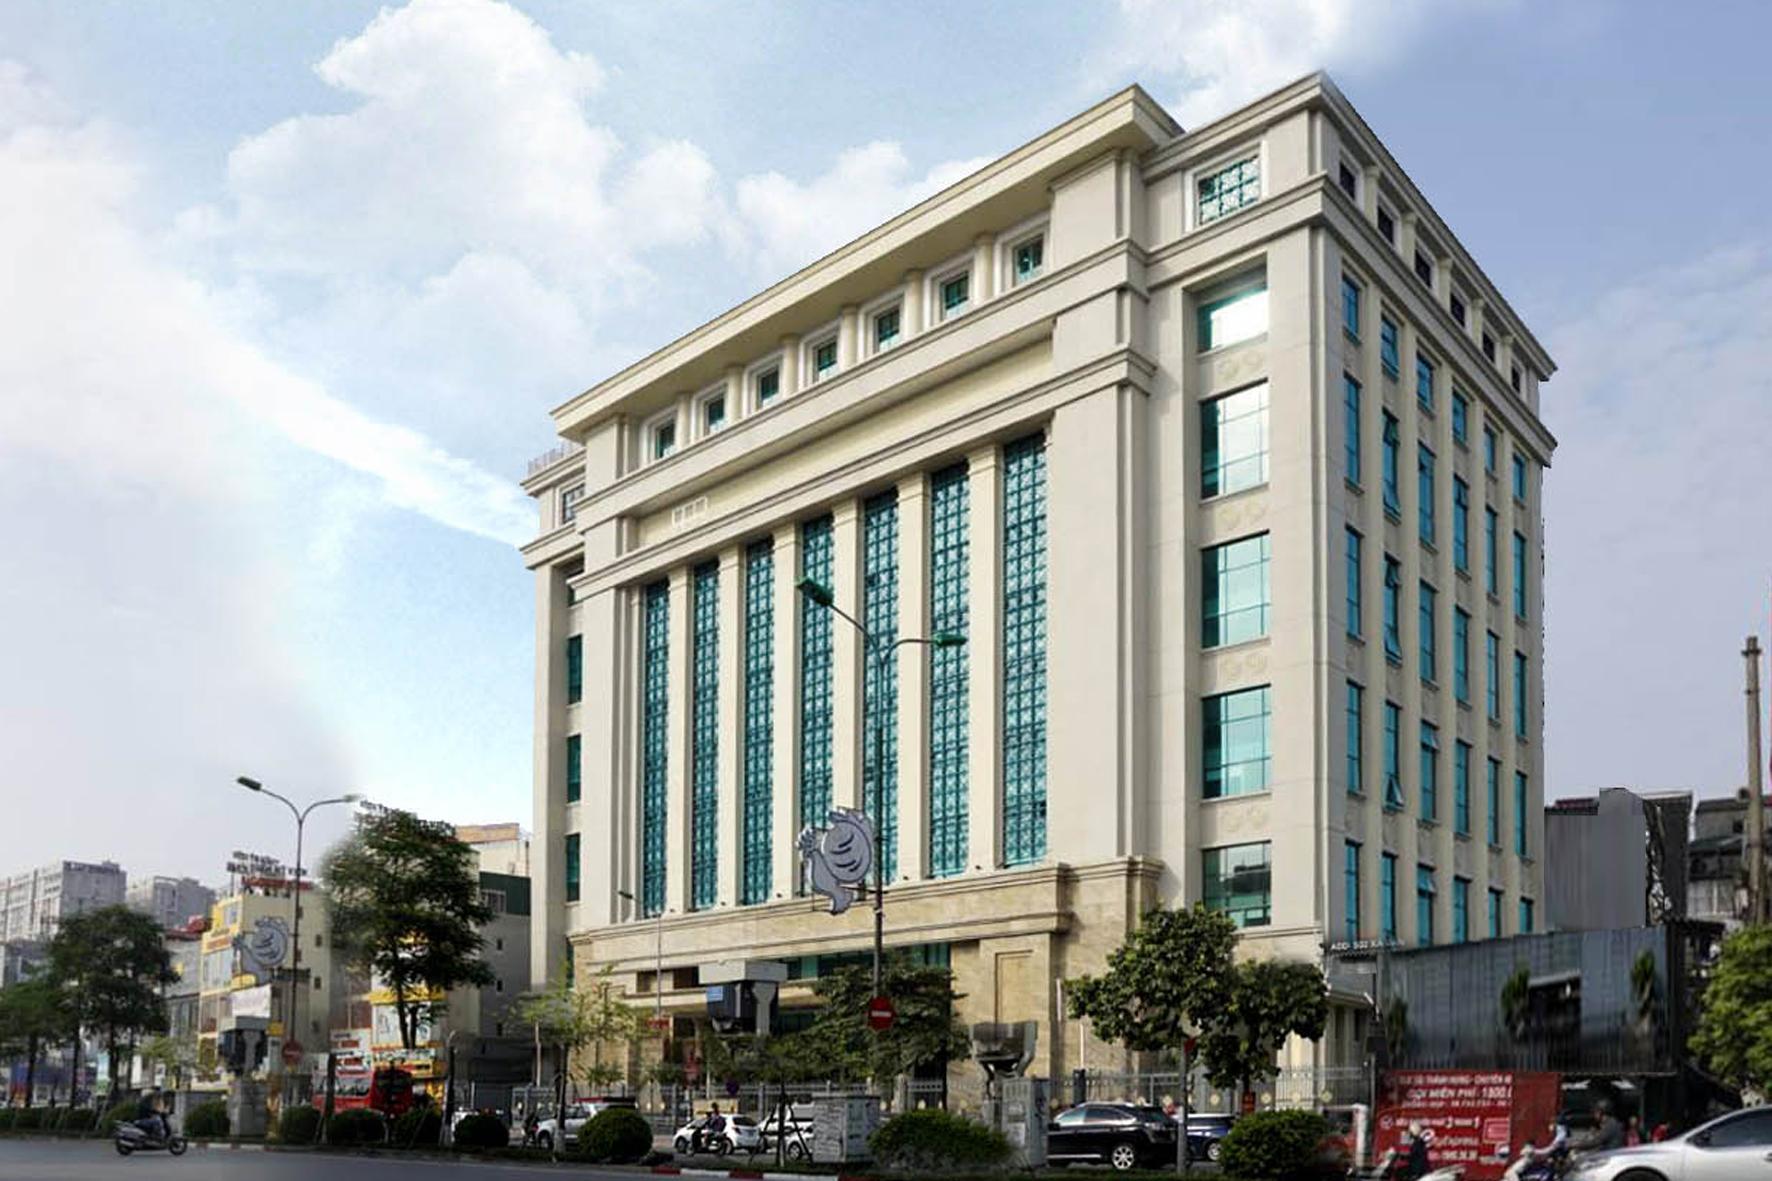 Tăng trưởng tín dụng tại Hà Nội dự kiến đạt 9,58% cả năm 2020 - Ảnh 1.